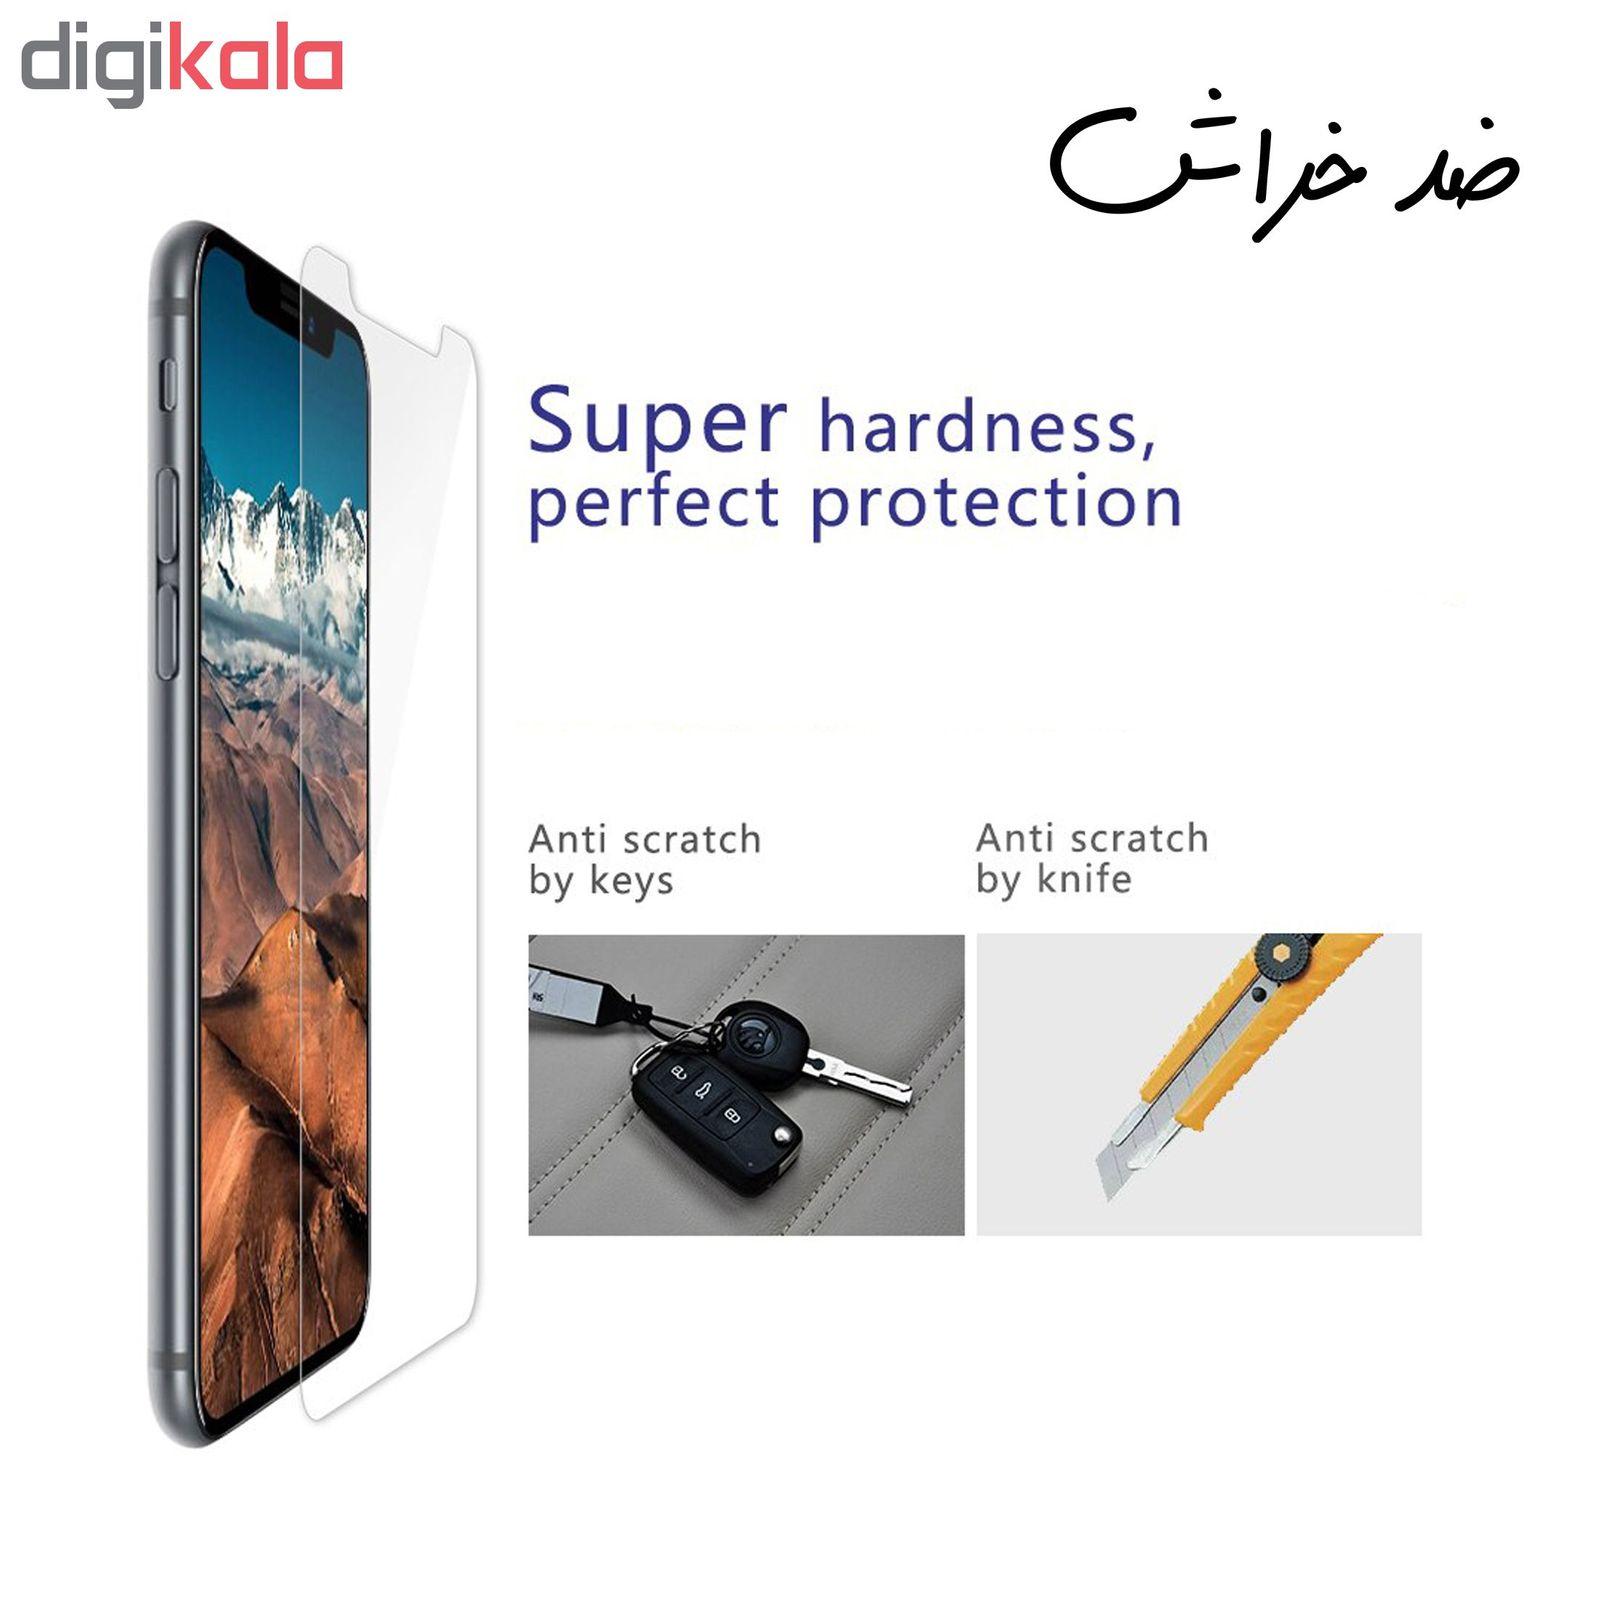 محافظ صفحه نمایش Hard and thick مدل F-01 مناسب برای گوشی موبایل سامسونگ Galaxy A10s  main 1 4